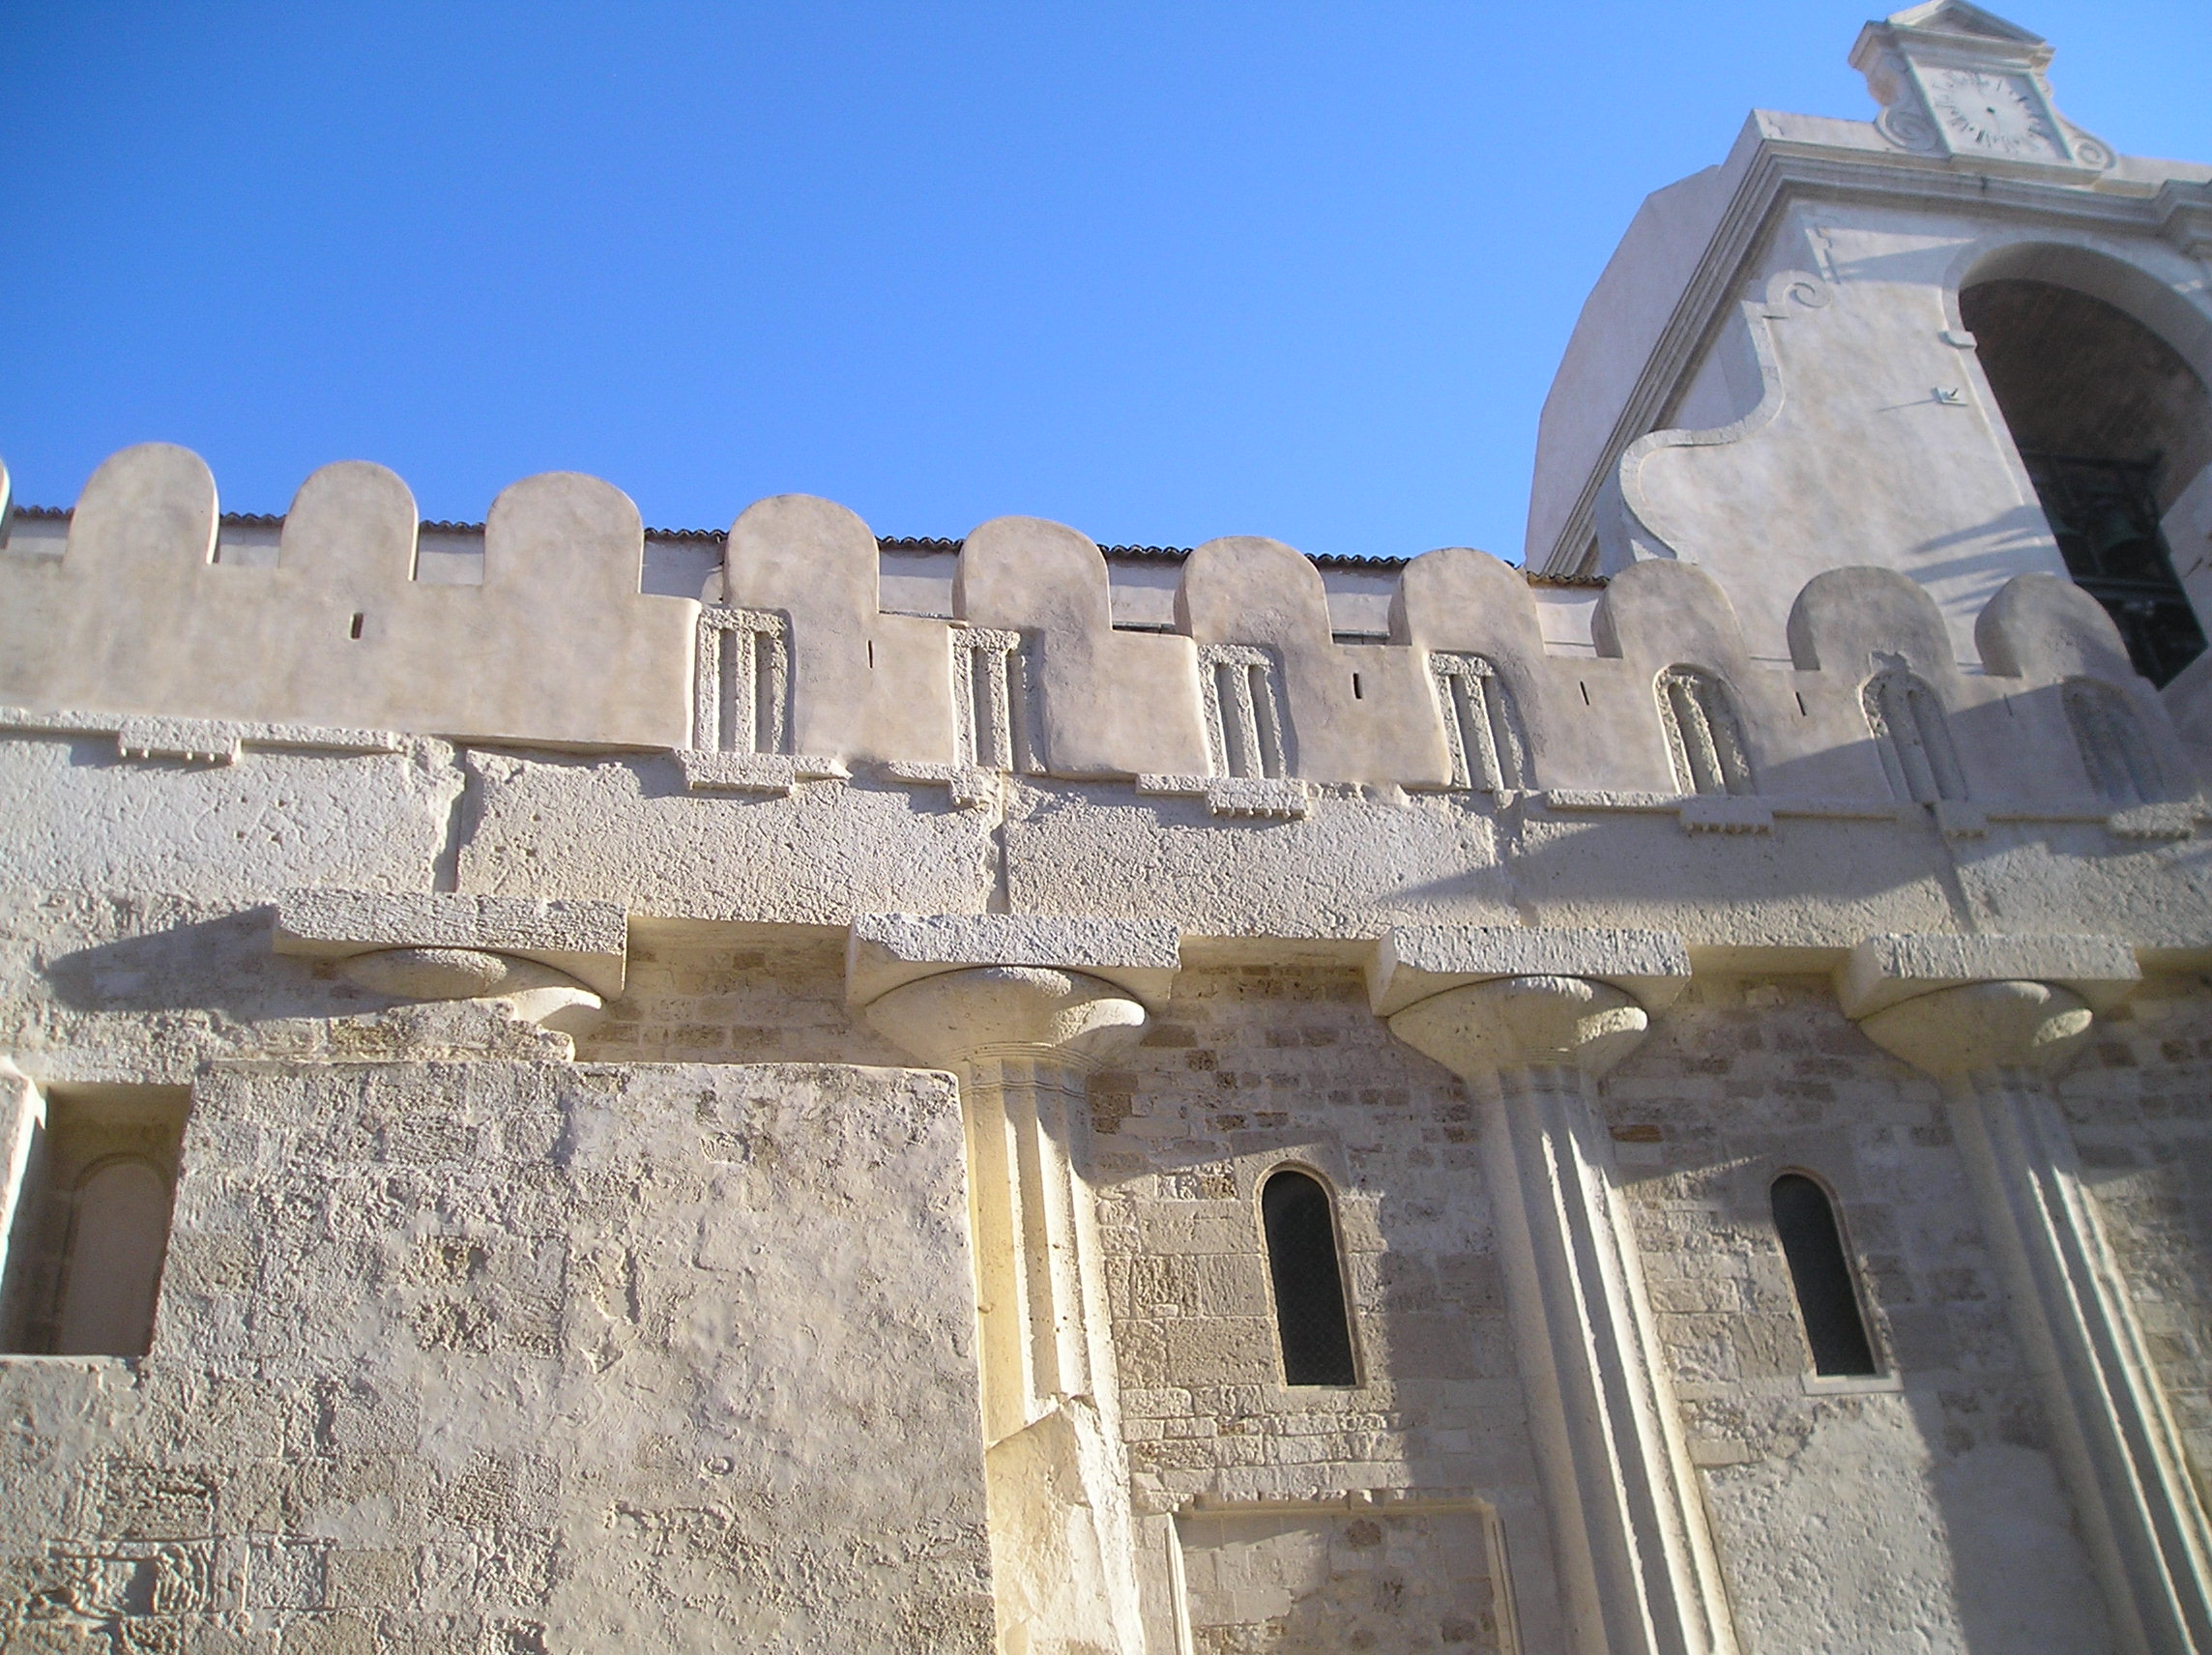 Sicily Excursion :: Agenzia Viaggia Catania Palermo